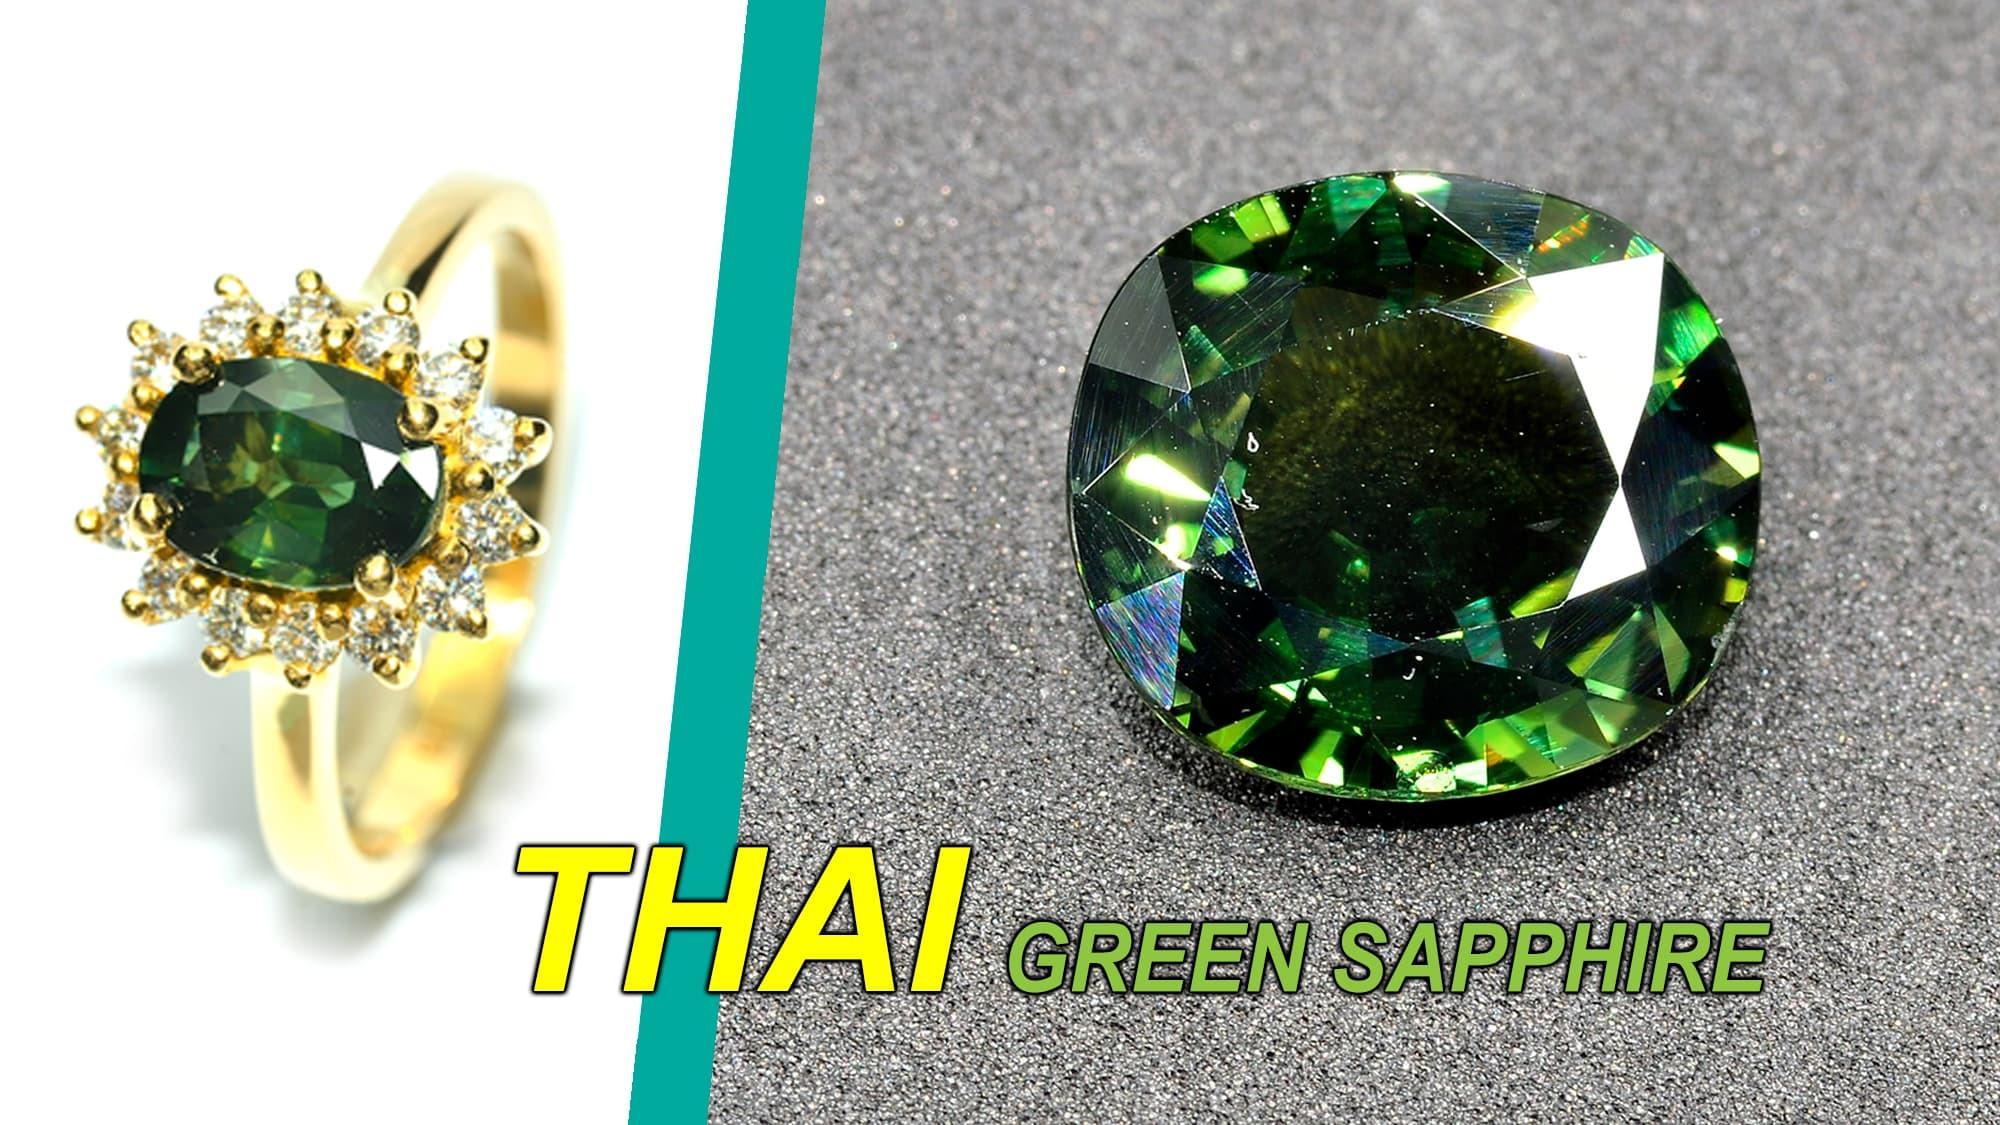 Thai green sapphire